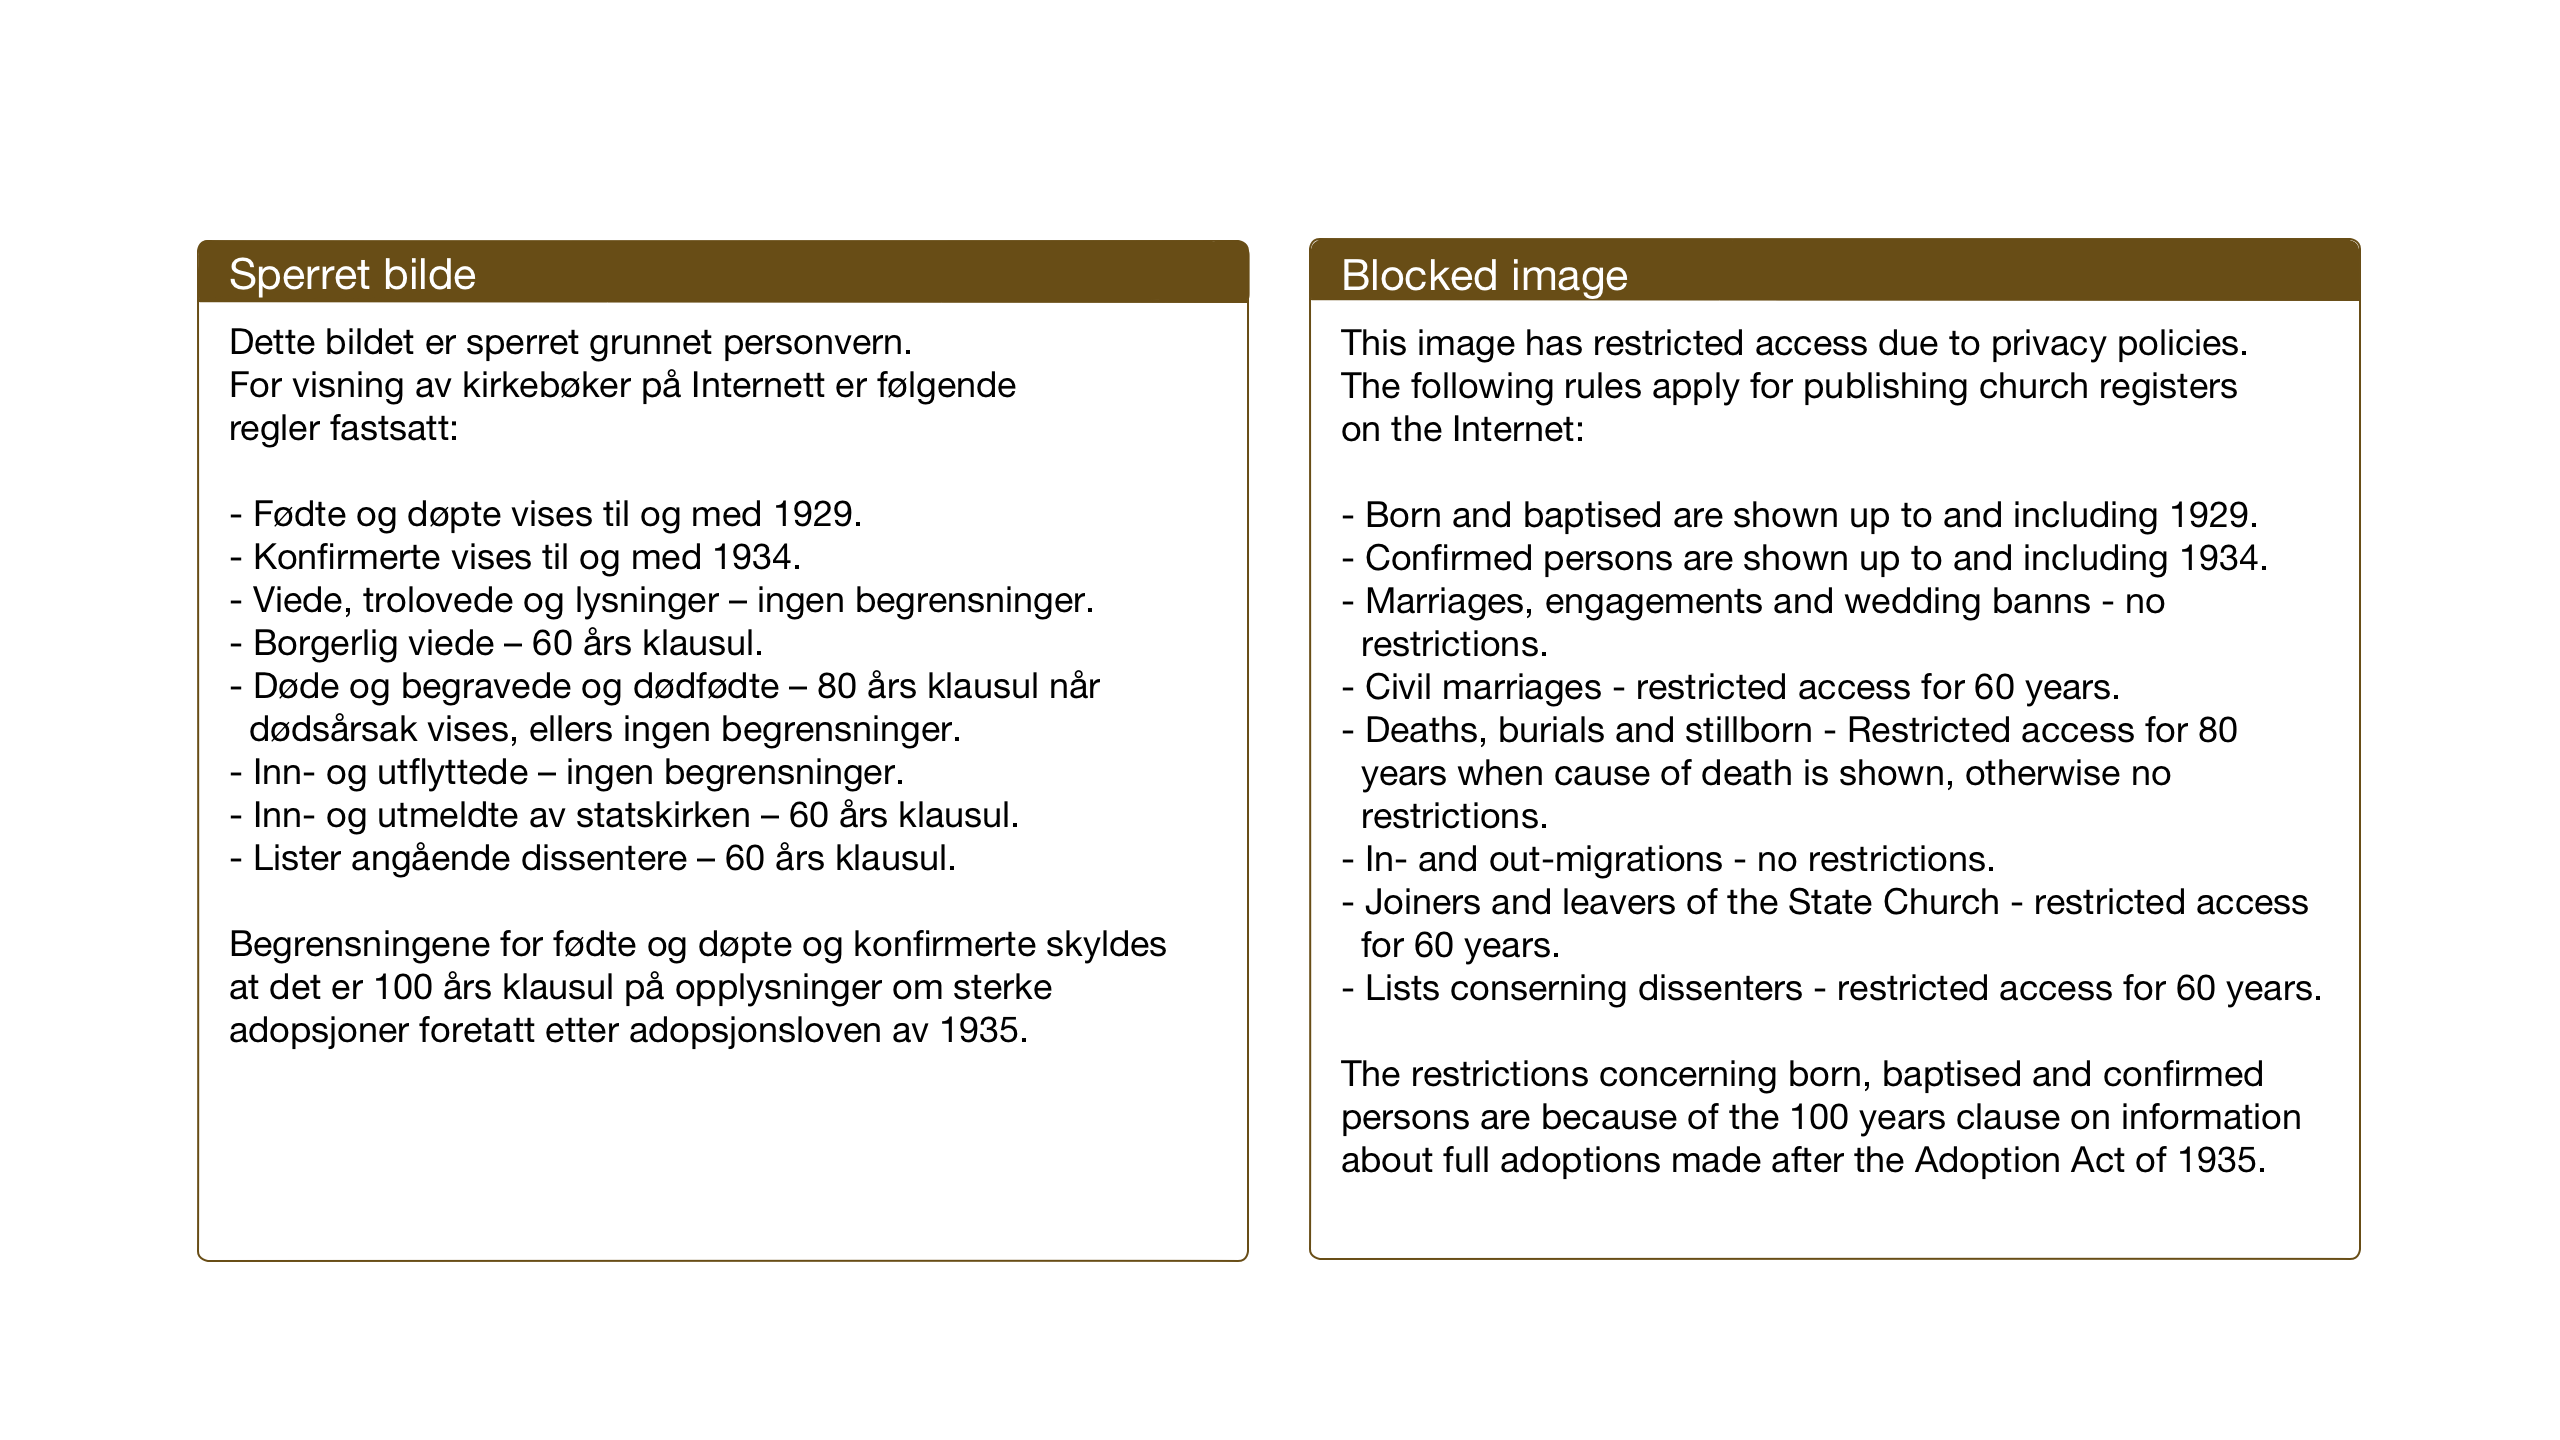 SAT, Ministerialprotokoller, klokkerbøker og fødselsregistre - Nord-Trøndelag, 720/L0193: Klokkerbok nr. 720C02, 1918-1941, s. 93